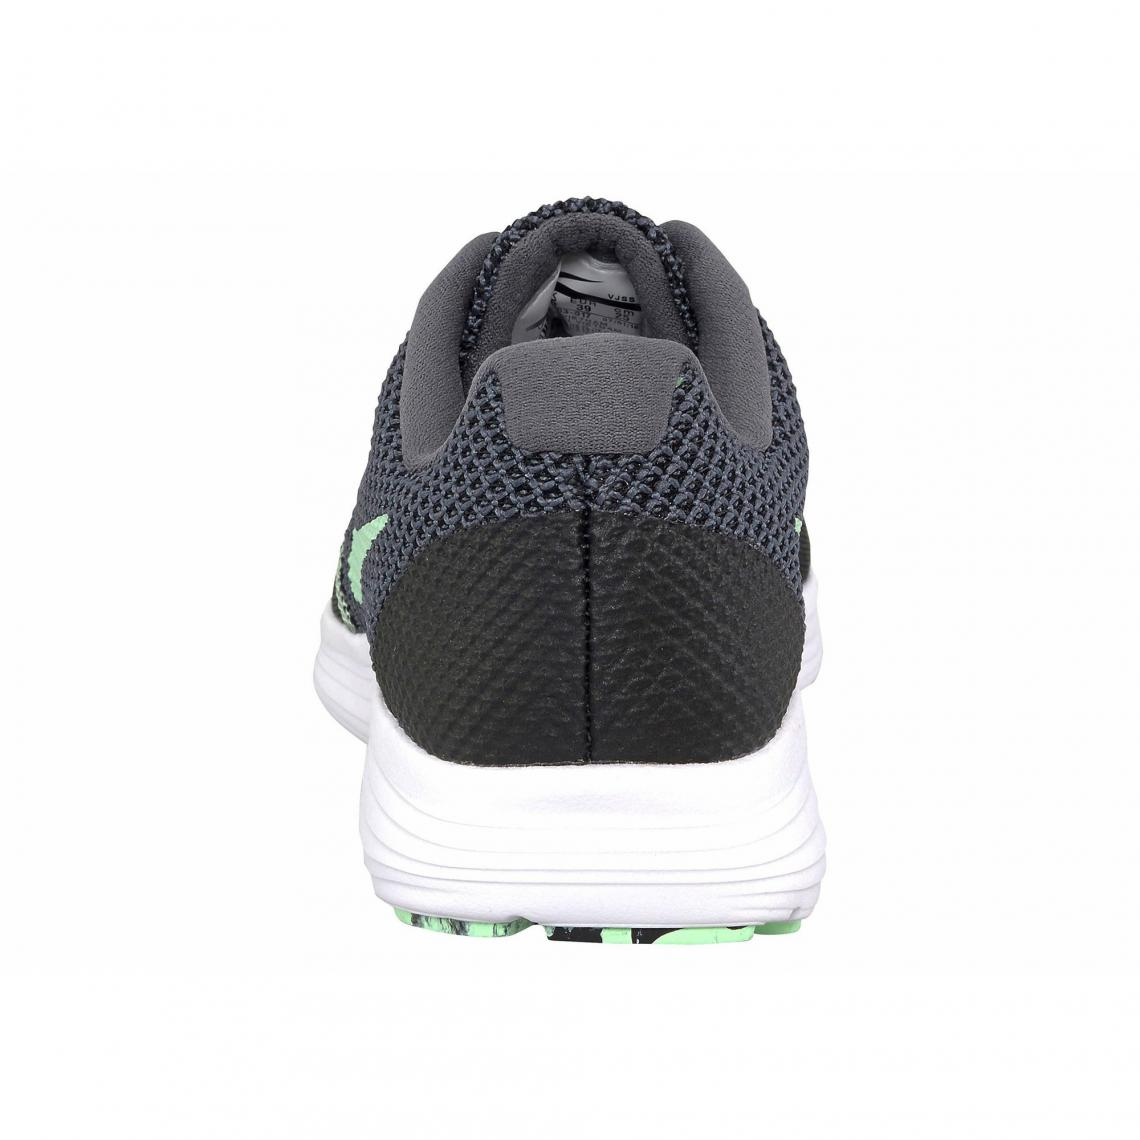 Révolution Nike Wmns 3 Femme Blanc Noir Chaussures De Running grrqFdx